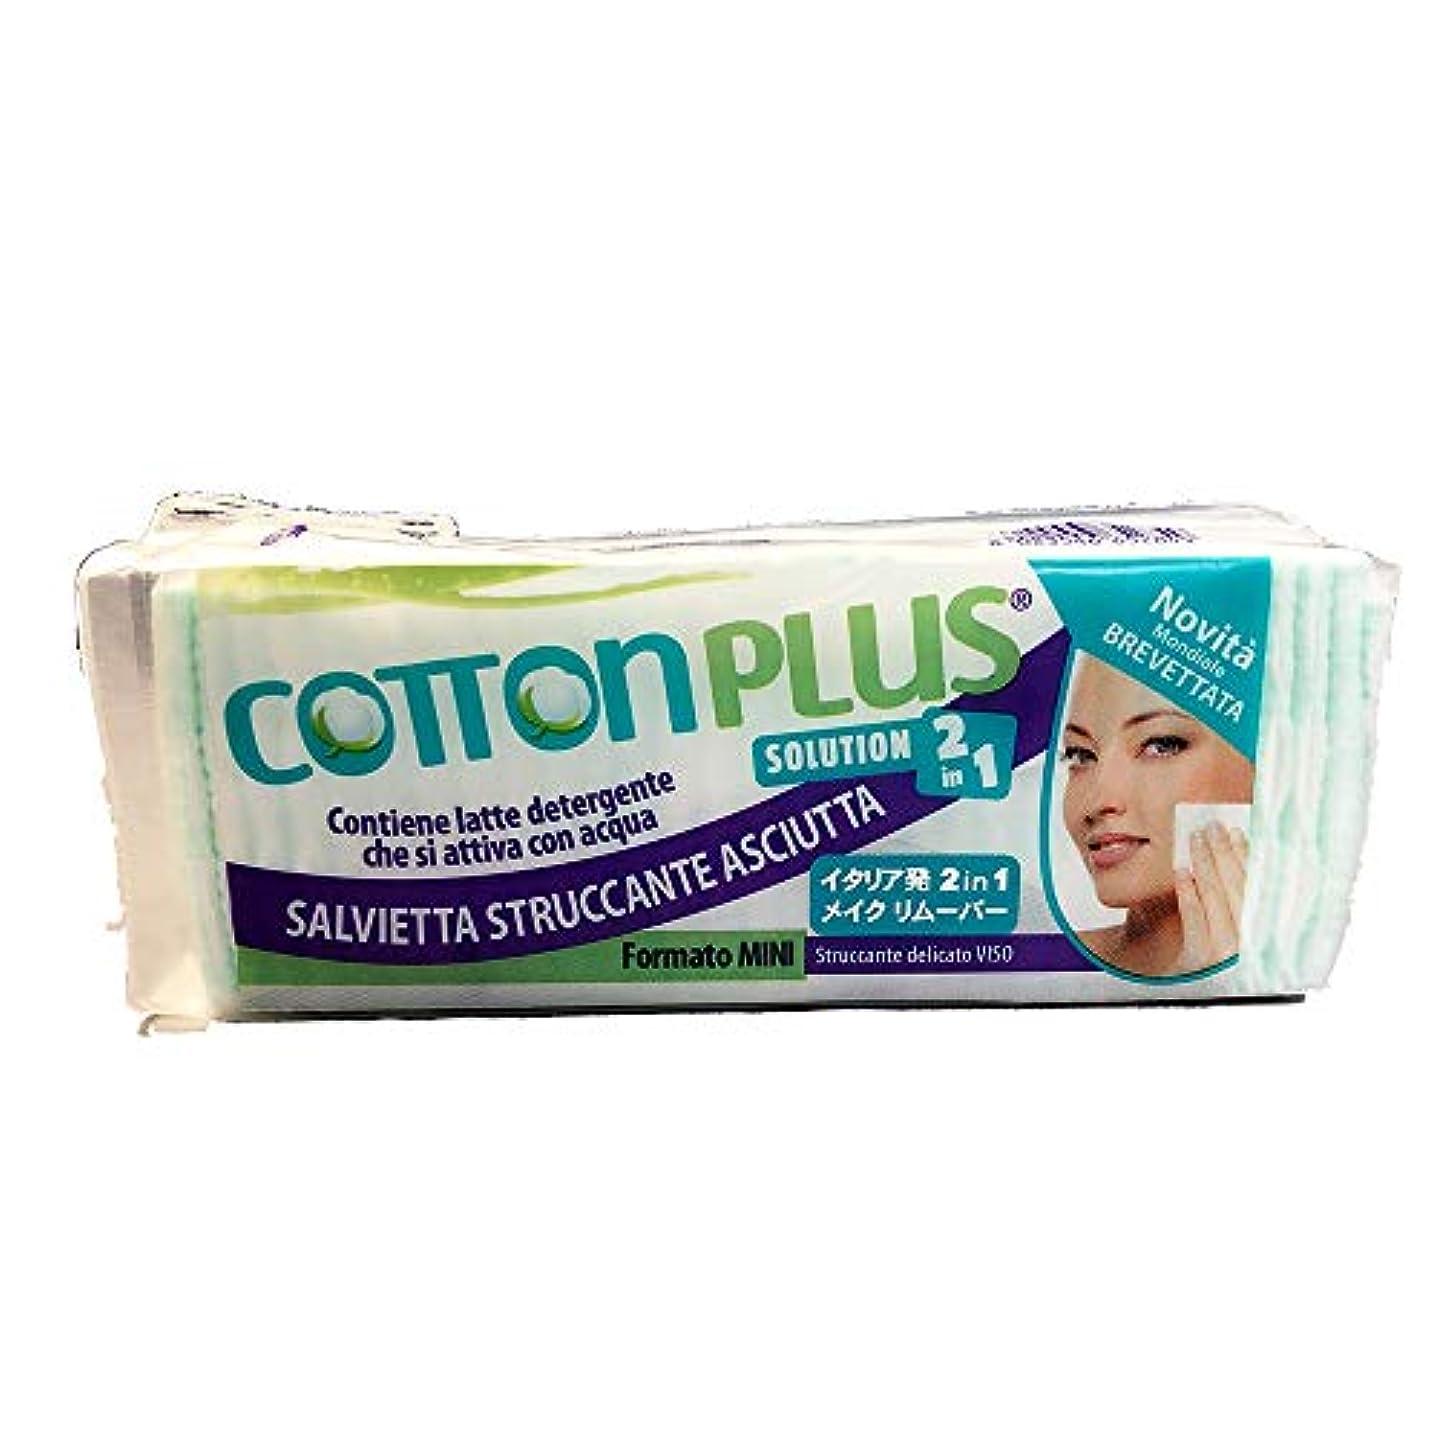 吐き出す通路仕えるクレンジングコットン メイク落とし コットンプラス COTTON PLUS SOLUTION 2 IN 1 ミニサイズ(60枚入り) 保湿 化粧水